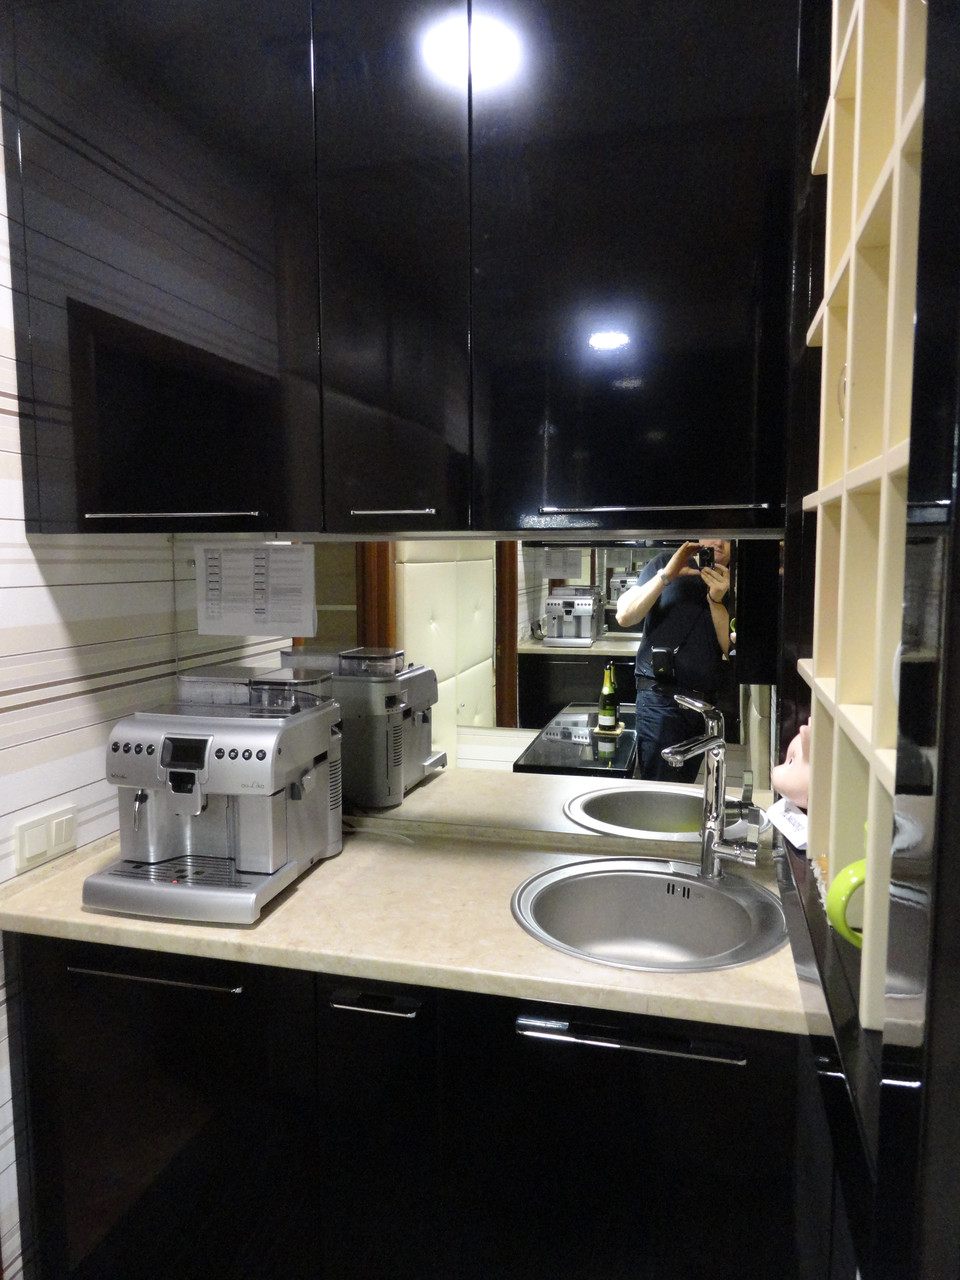 Кухня для офиса на заказ Днепр. Кухни на заказ. Корпусная мебель.